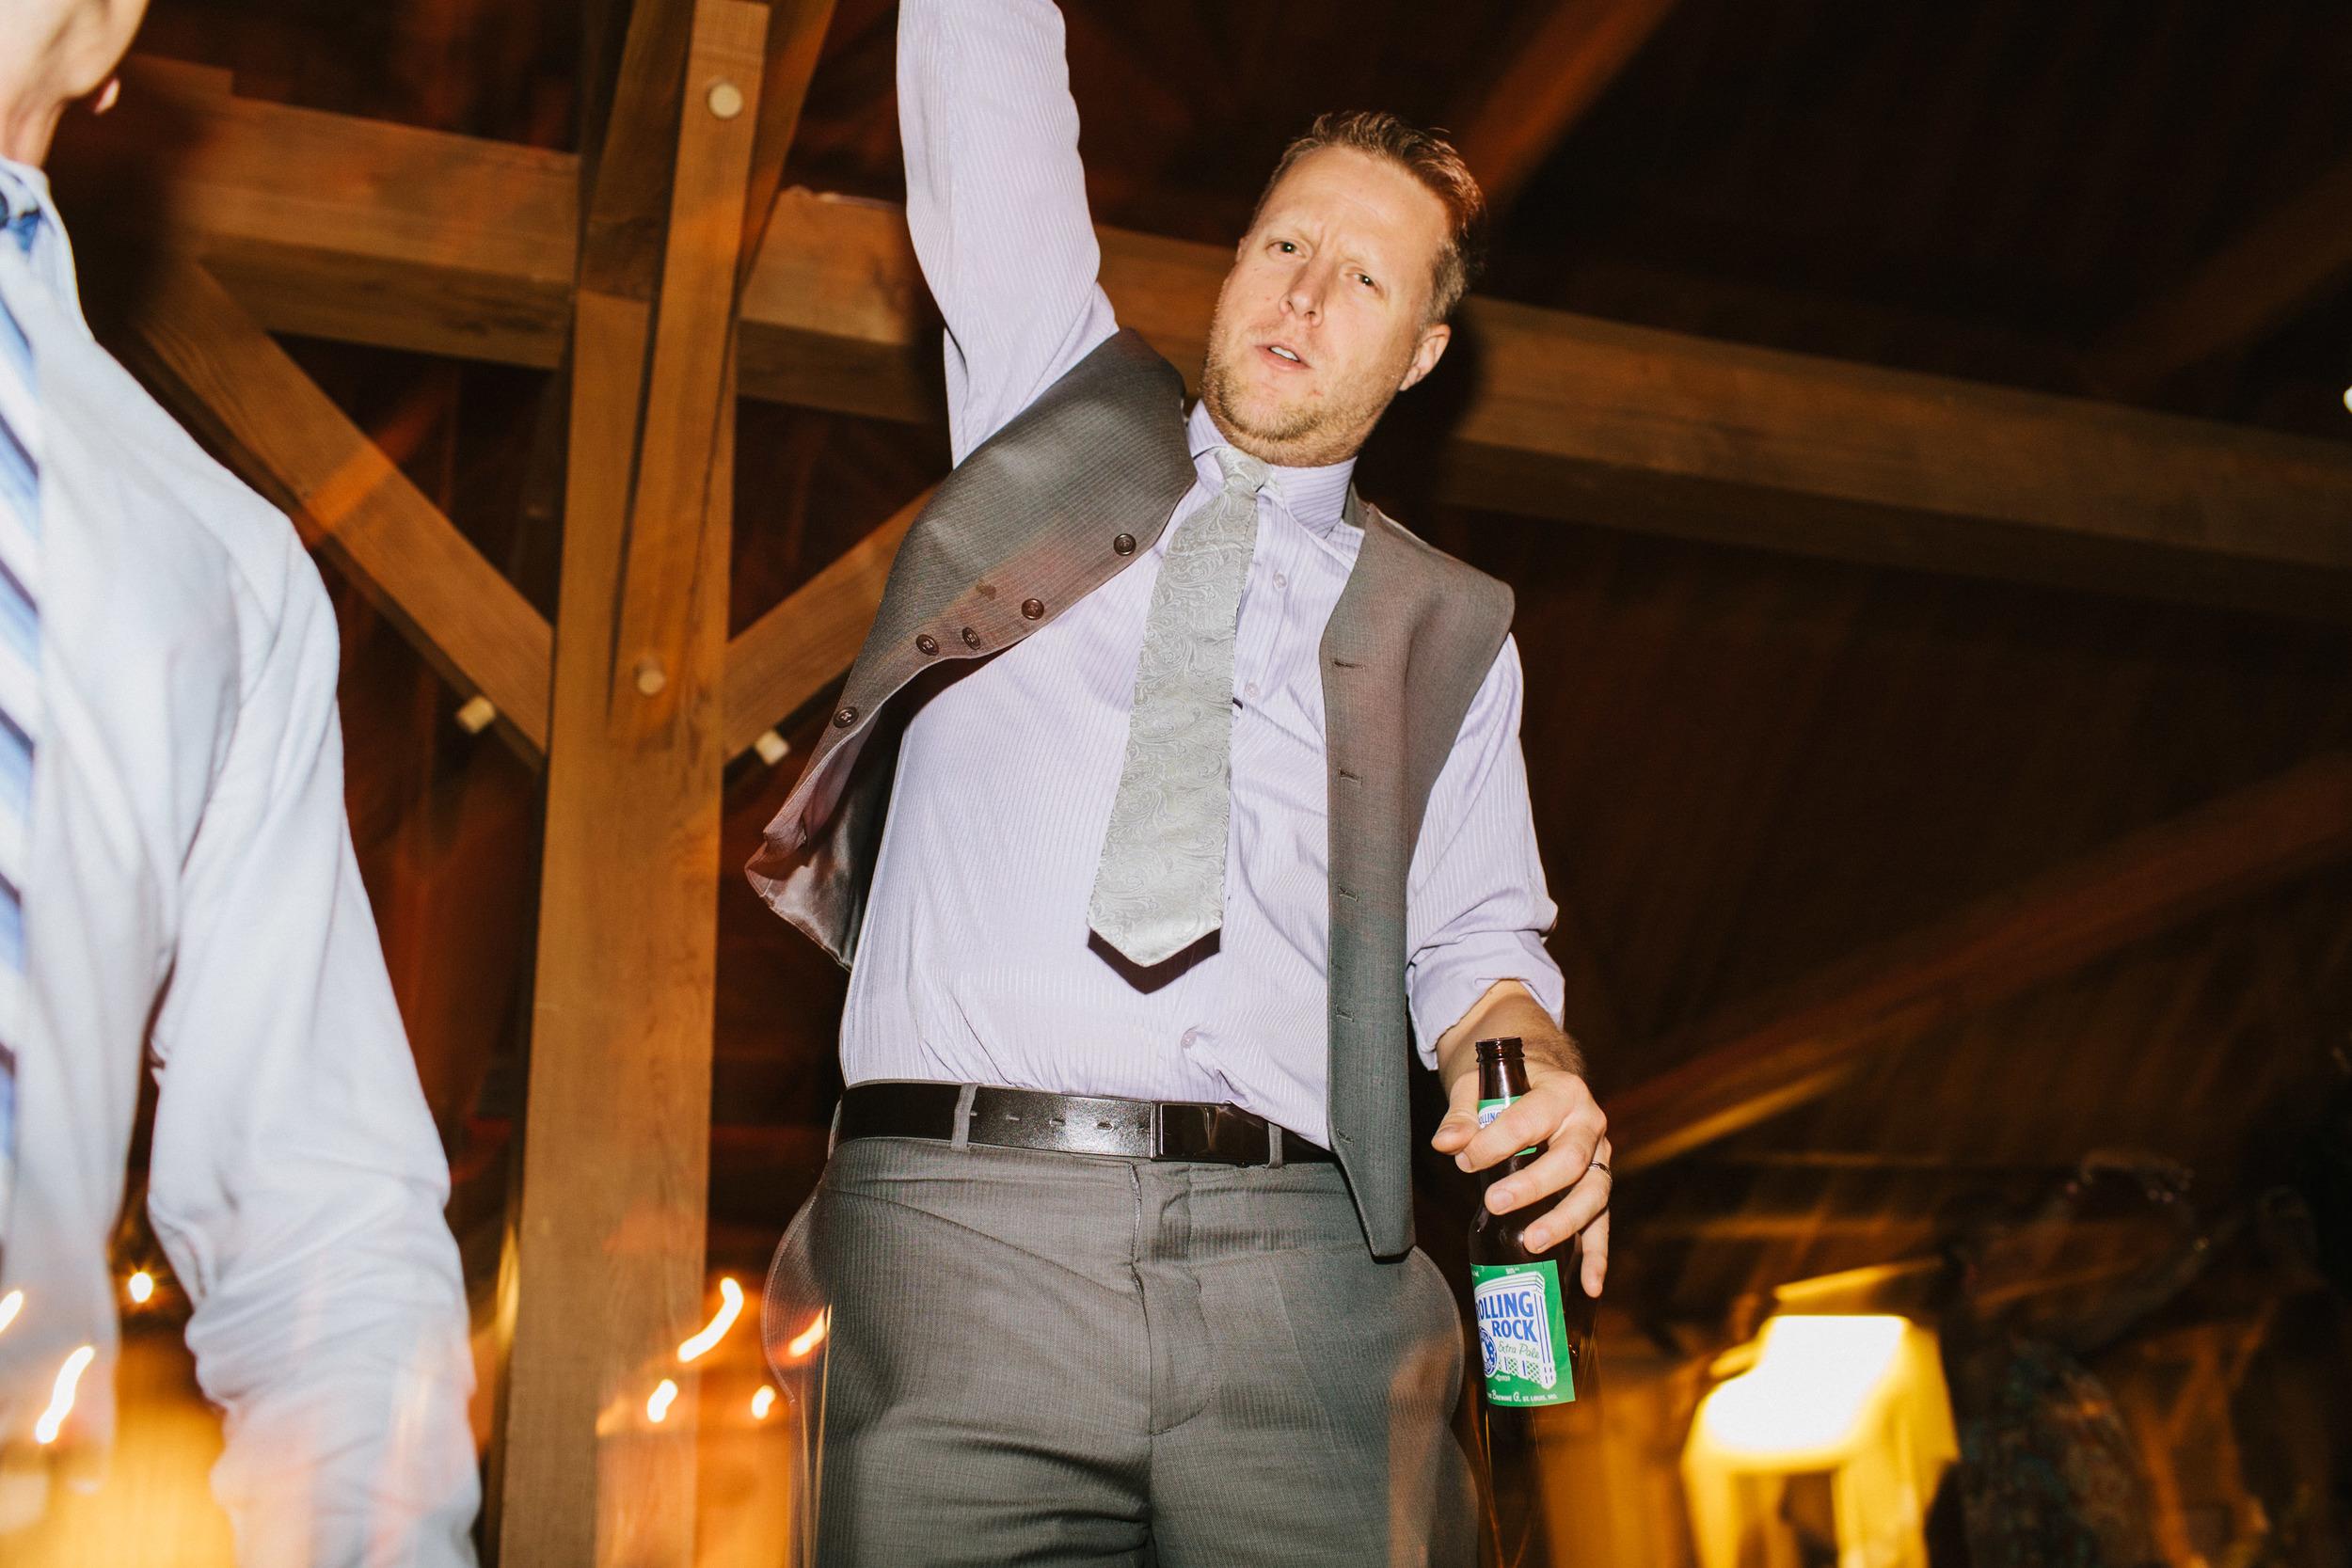 michael-rousseau-photography-shannae-ingleton-wedding-sean-craigleith-ski-club-wedding091.jpg